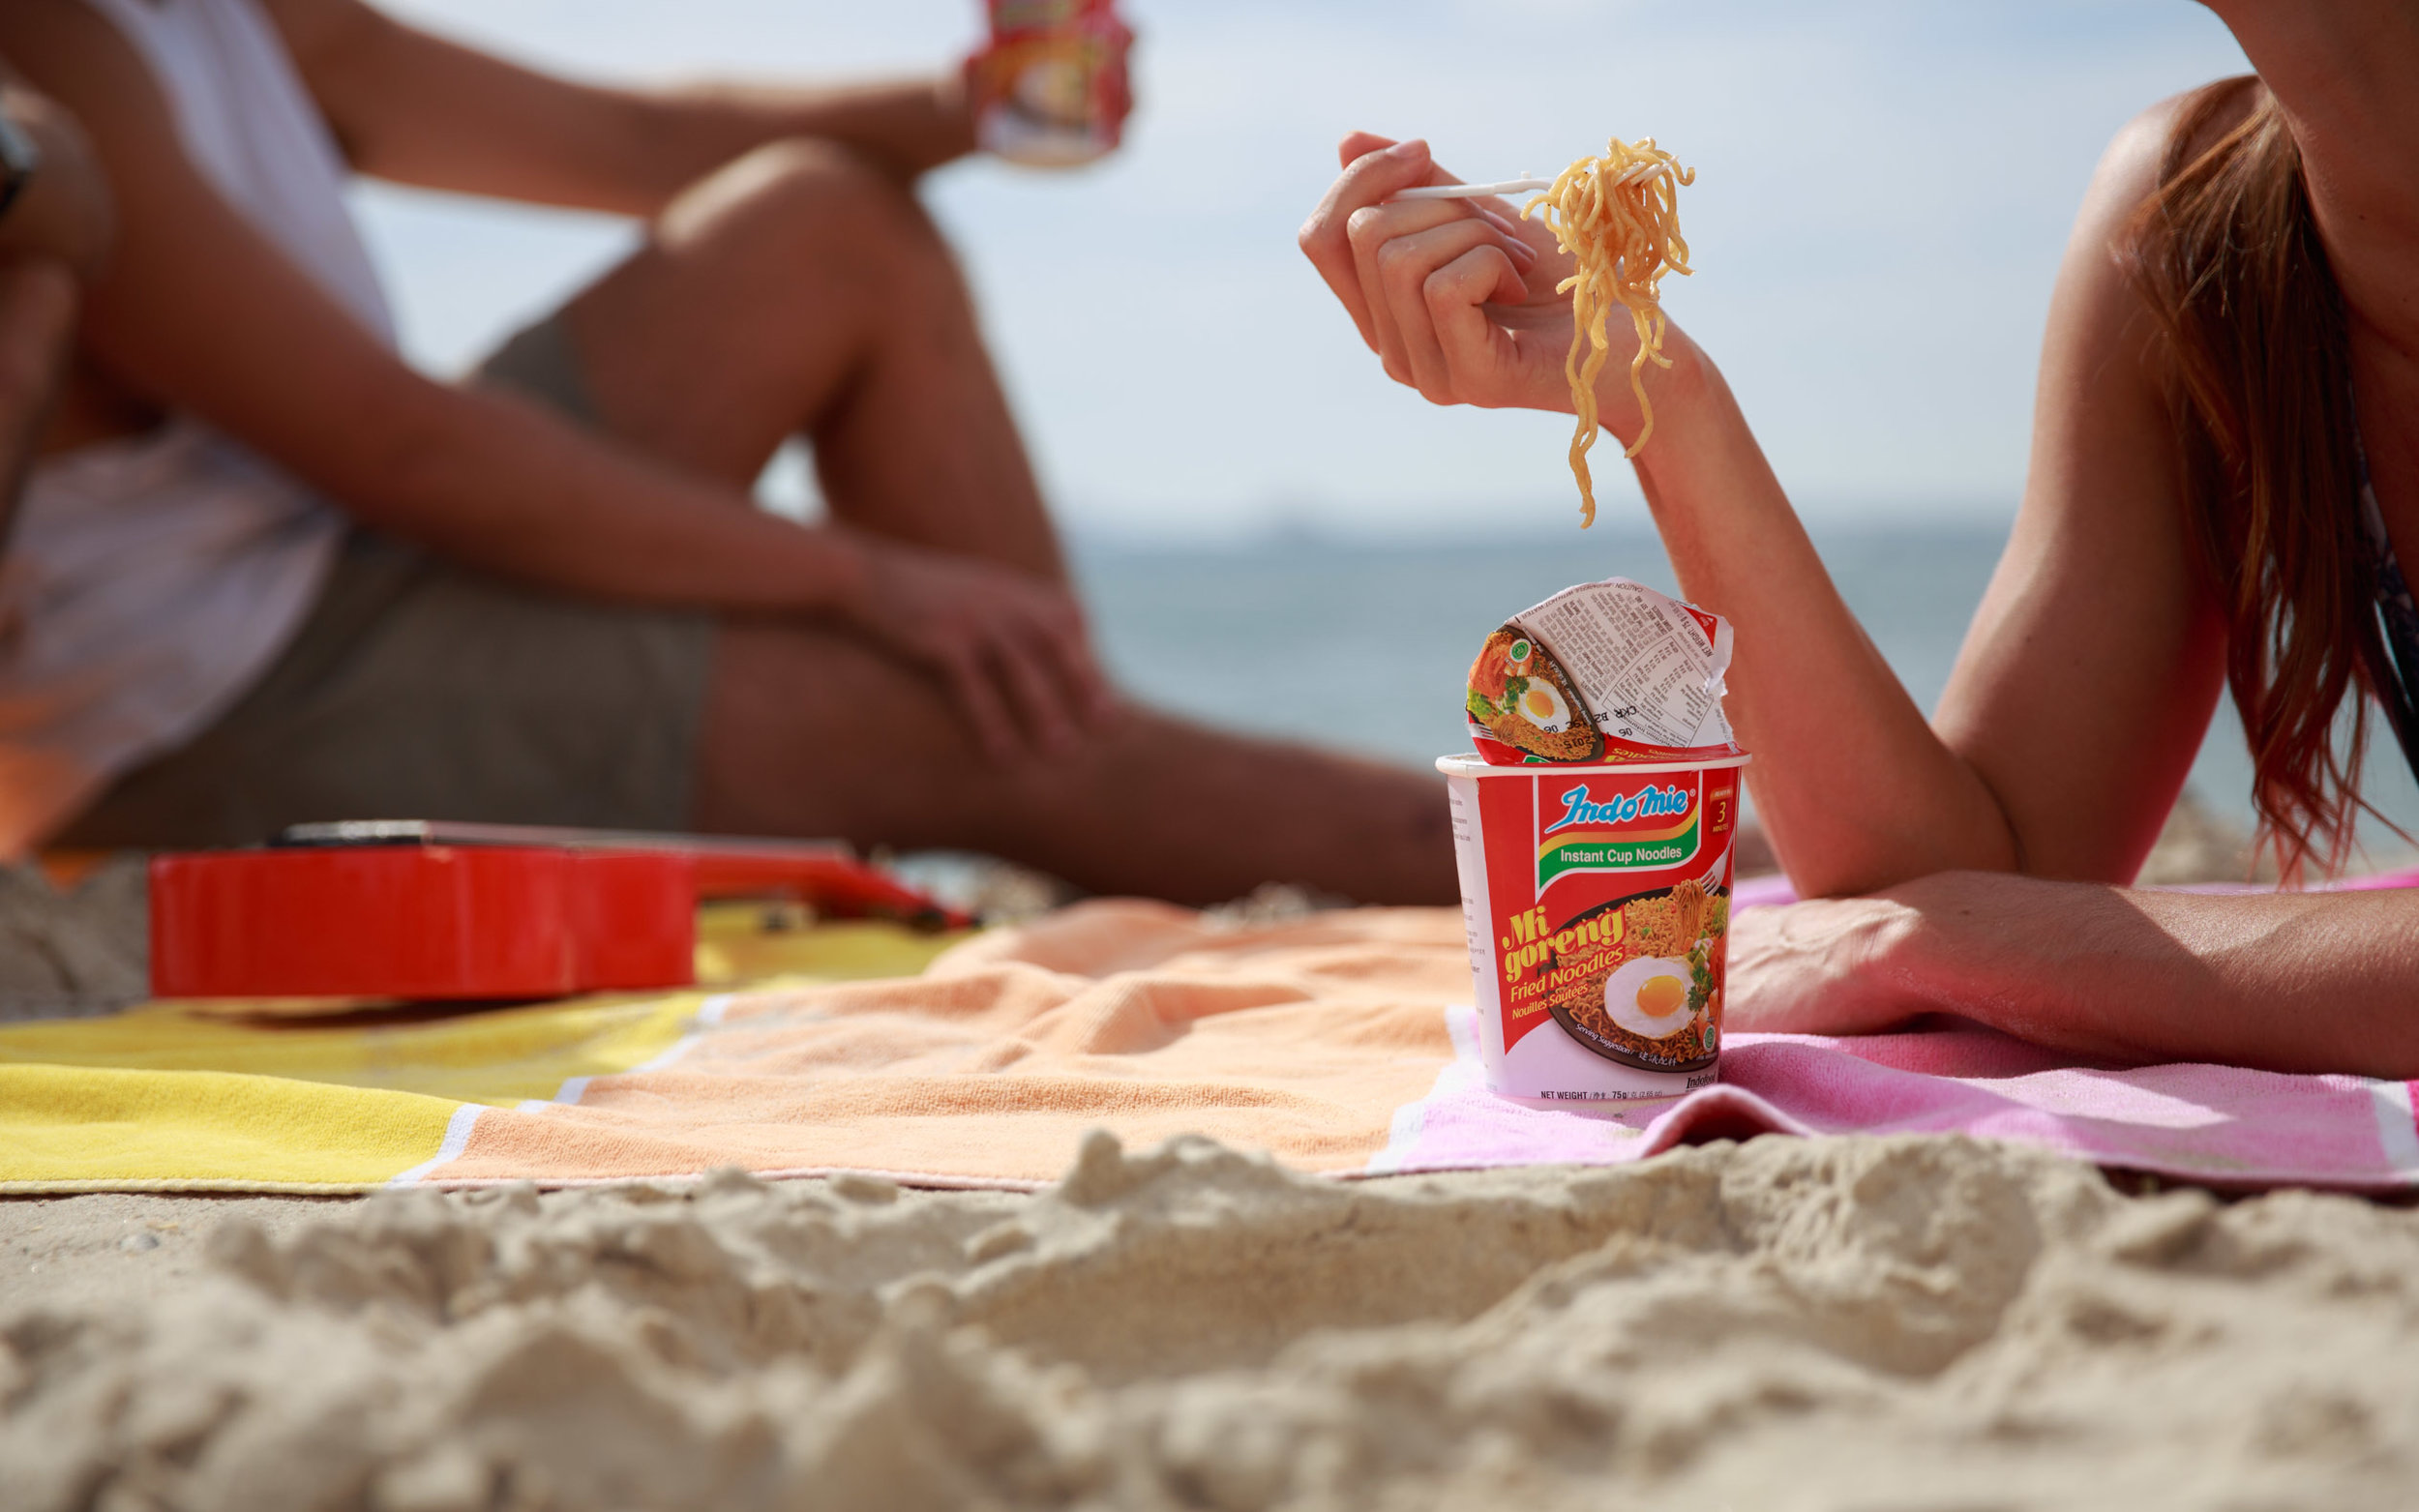 ielts_part_2_example_indomie_noodles_food